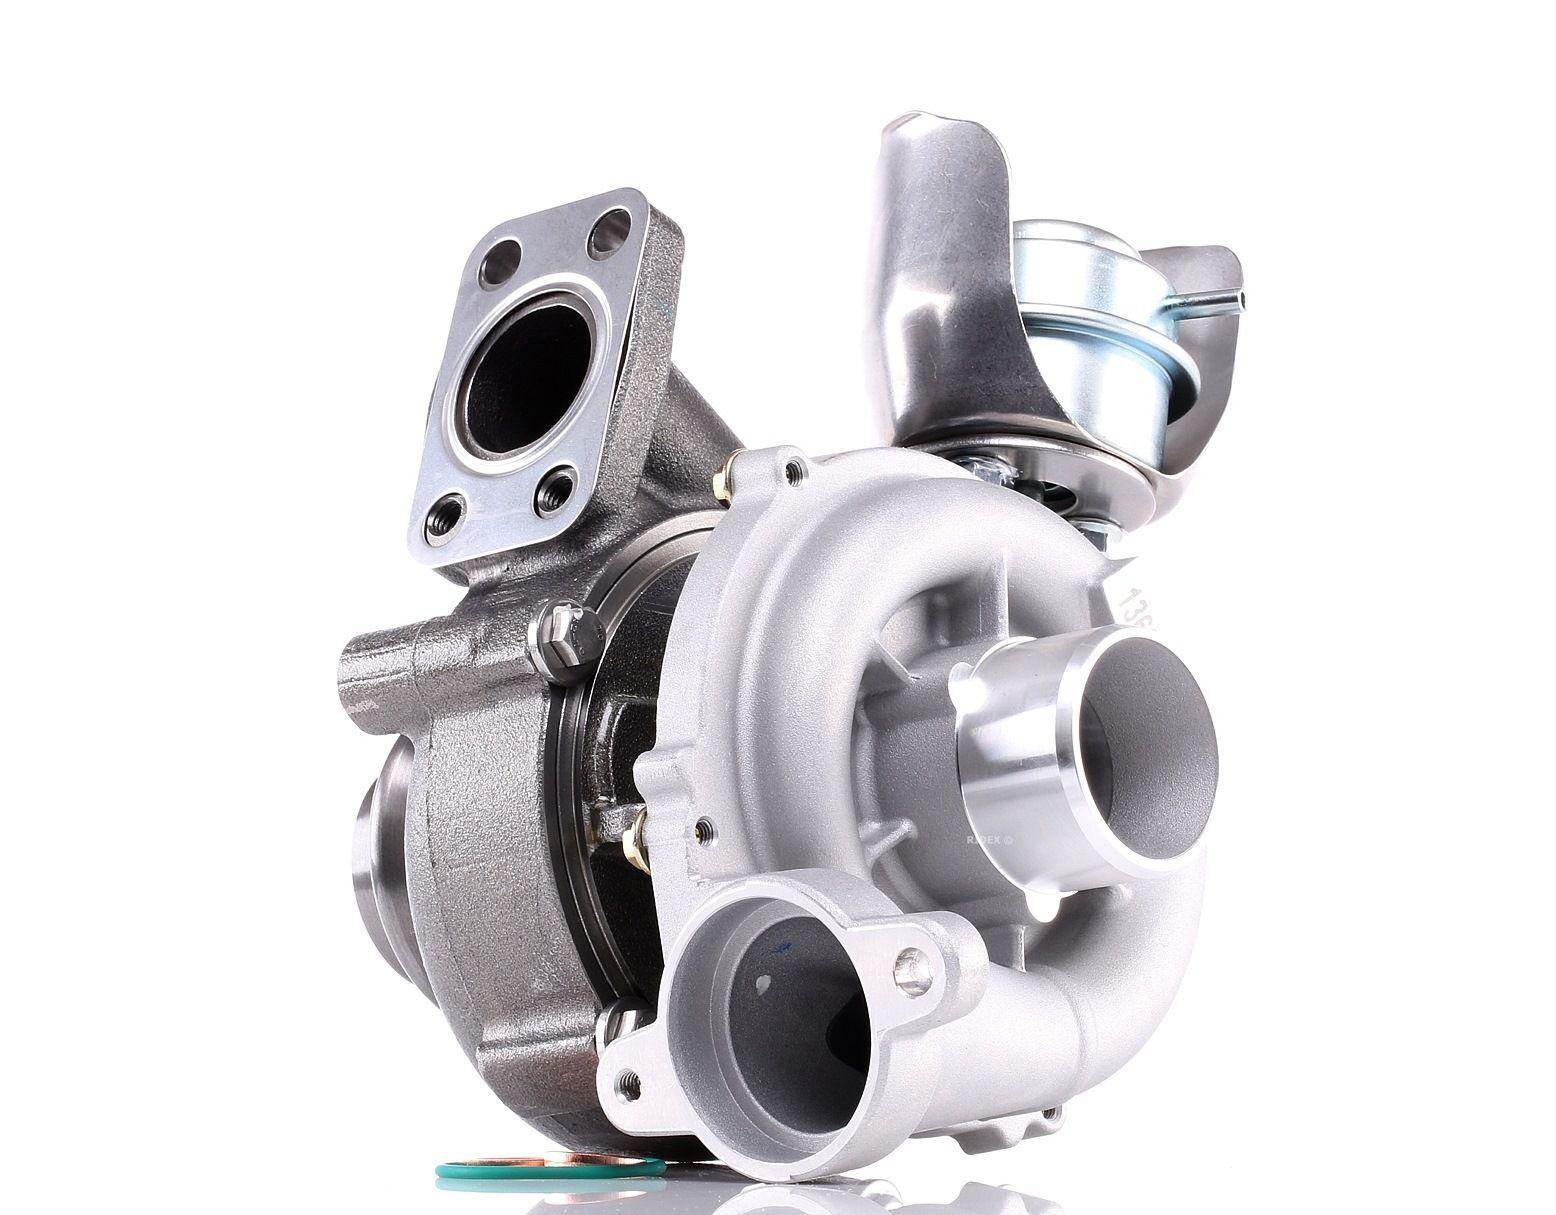 RIDEX Turbocompresseur MAZDA,VOLVO,MINI 2234C0016 11657804903,7804903,0375J3 Compresseur Turbo,Turbocompresseur, suralimentation 0375J6,0375J8,0375N1